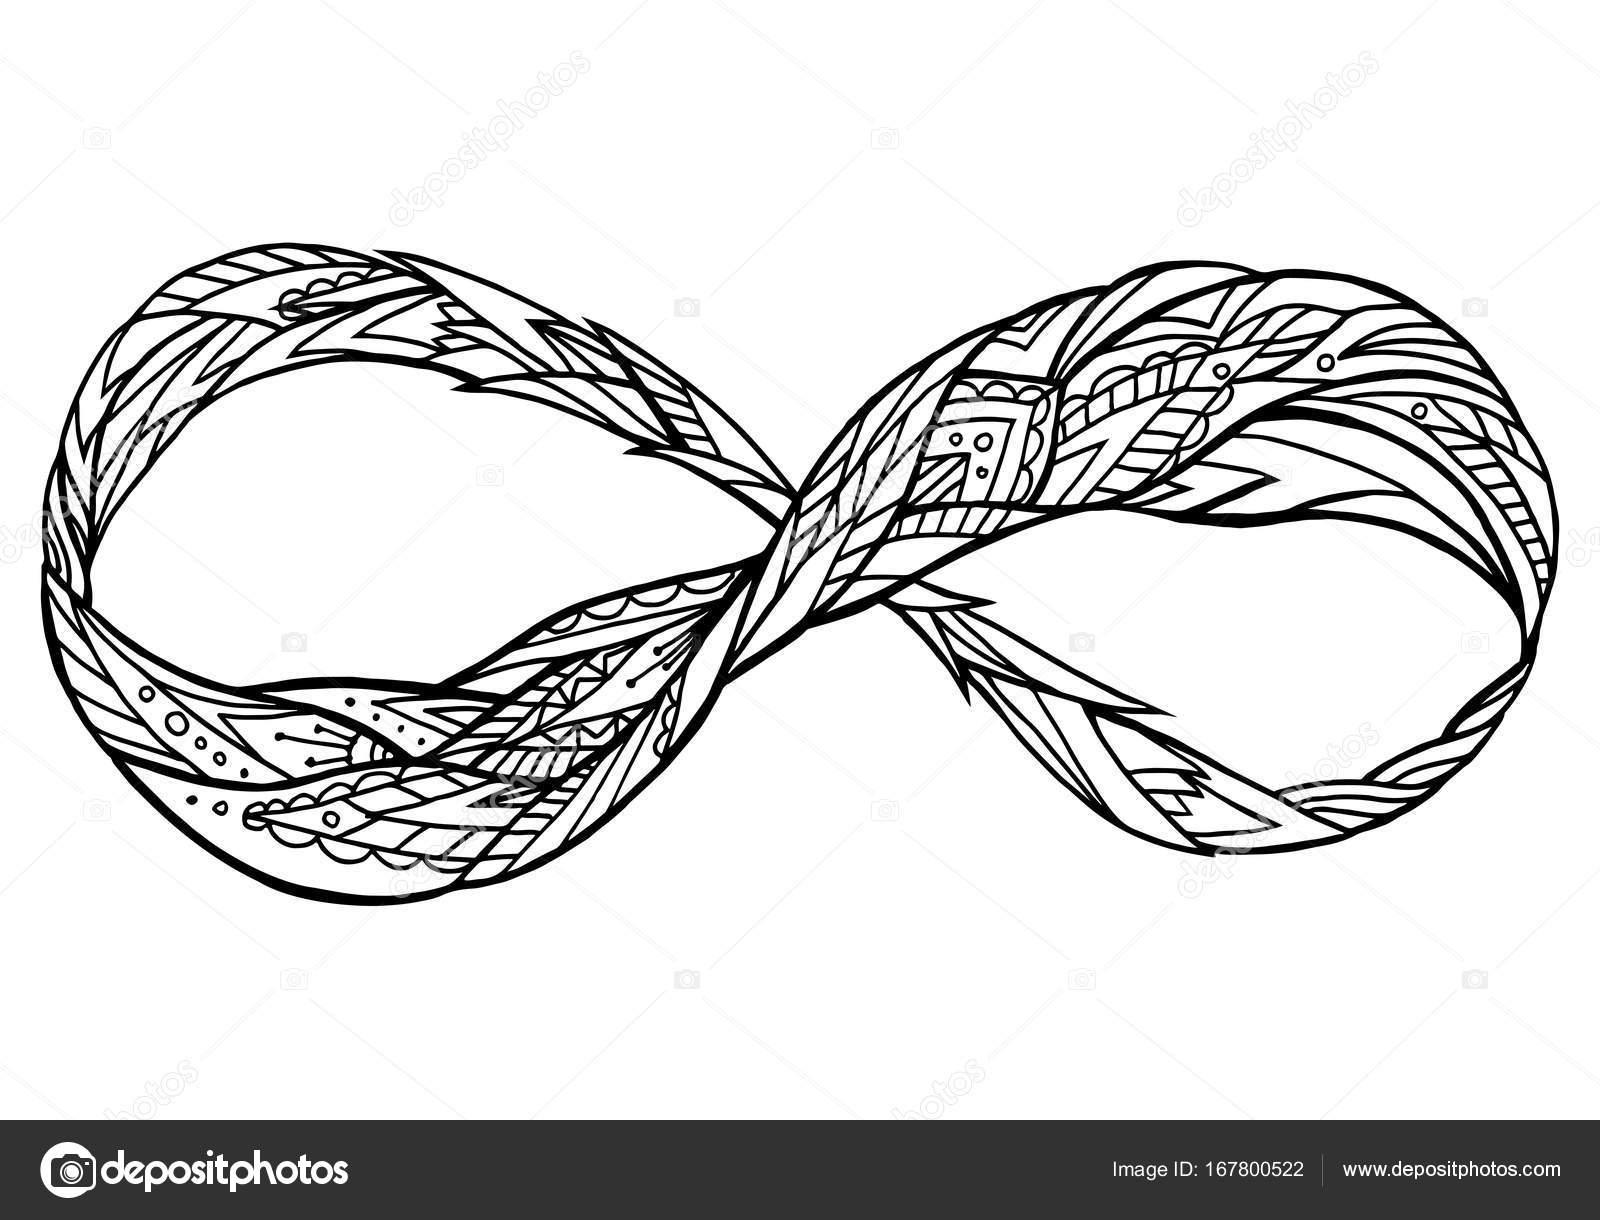 Dibujos Signo Infinito Para Imprimir Signo De La Eternidad Con El